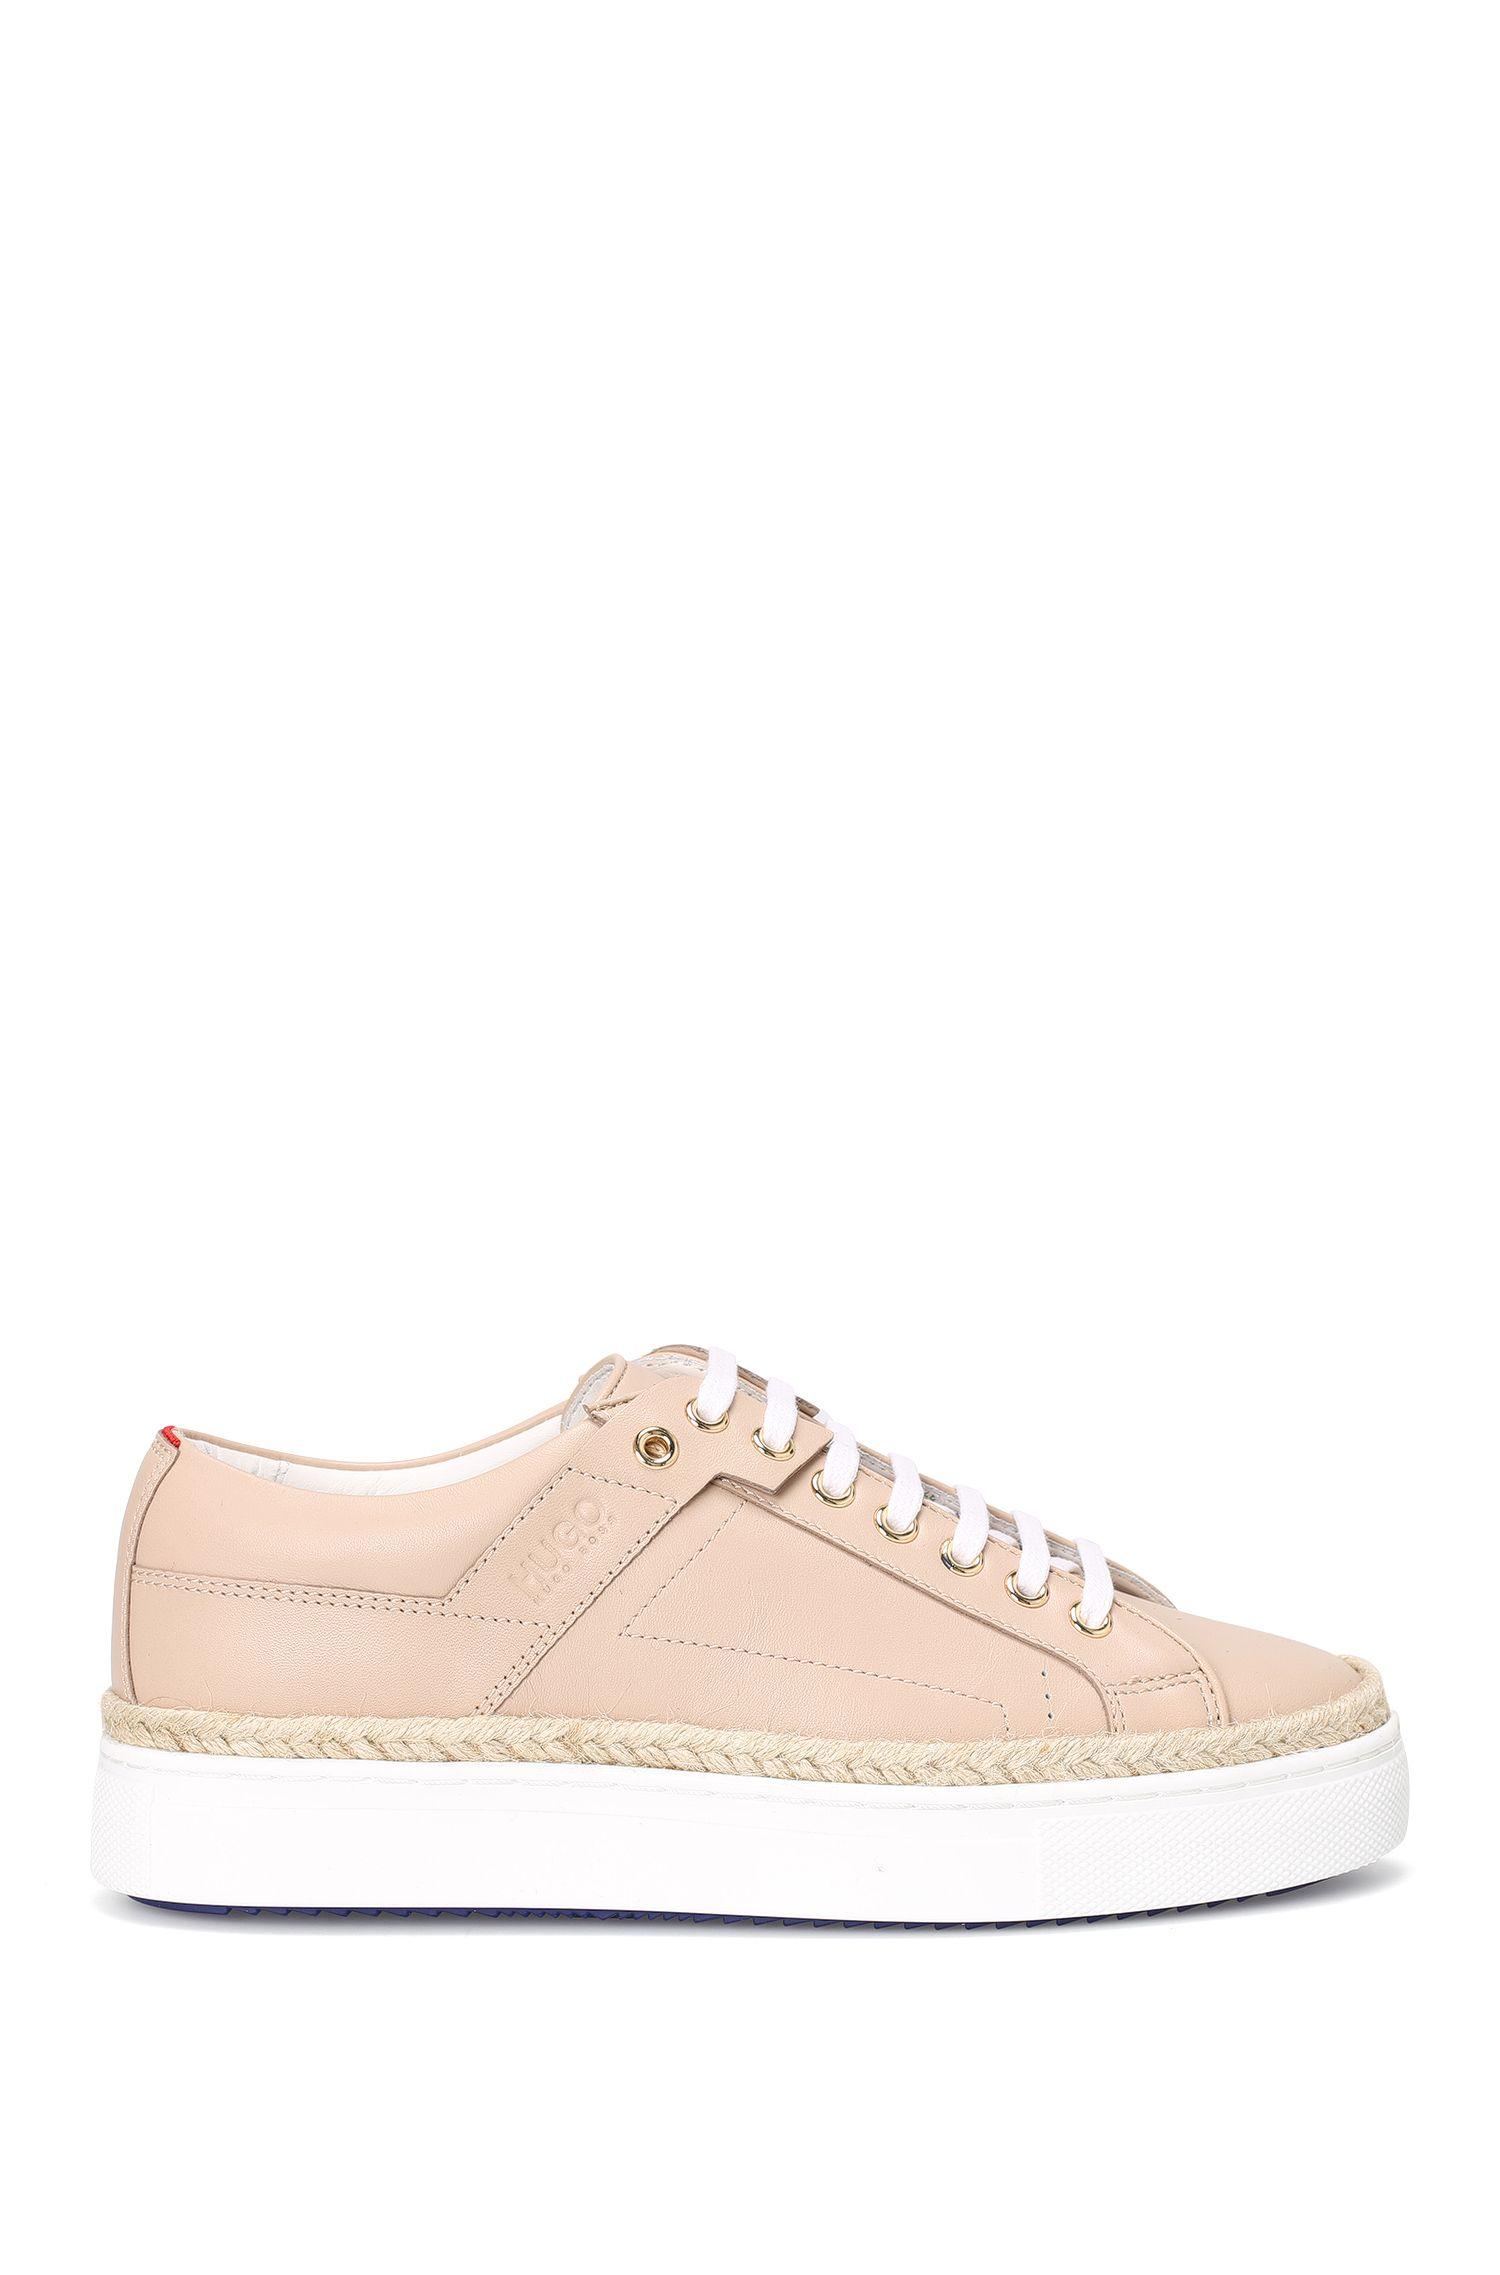 Sneakers aus Leder mit Bast-Blende: 'Connie-R'